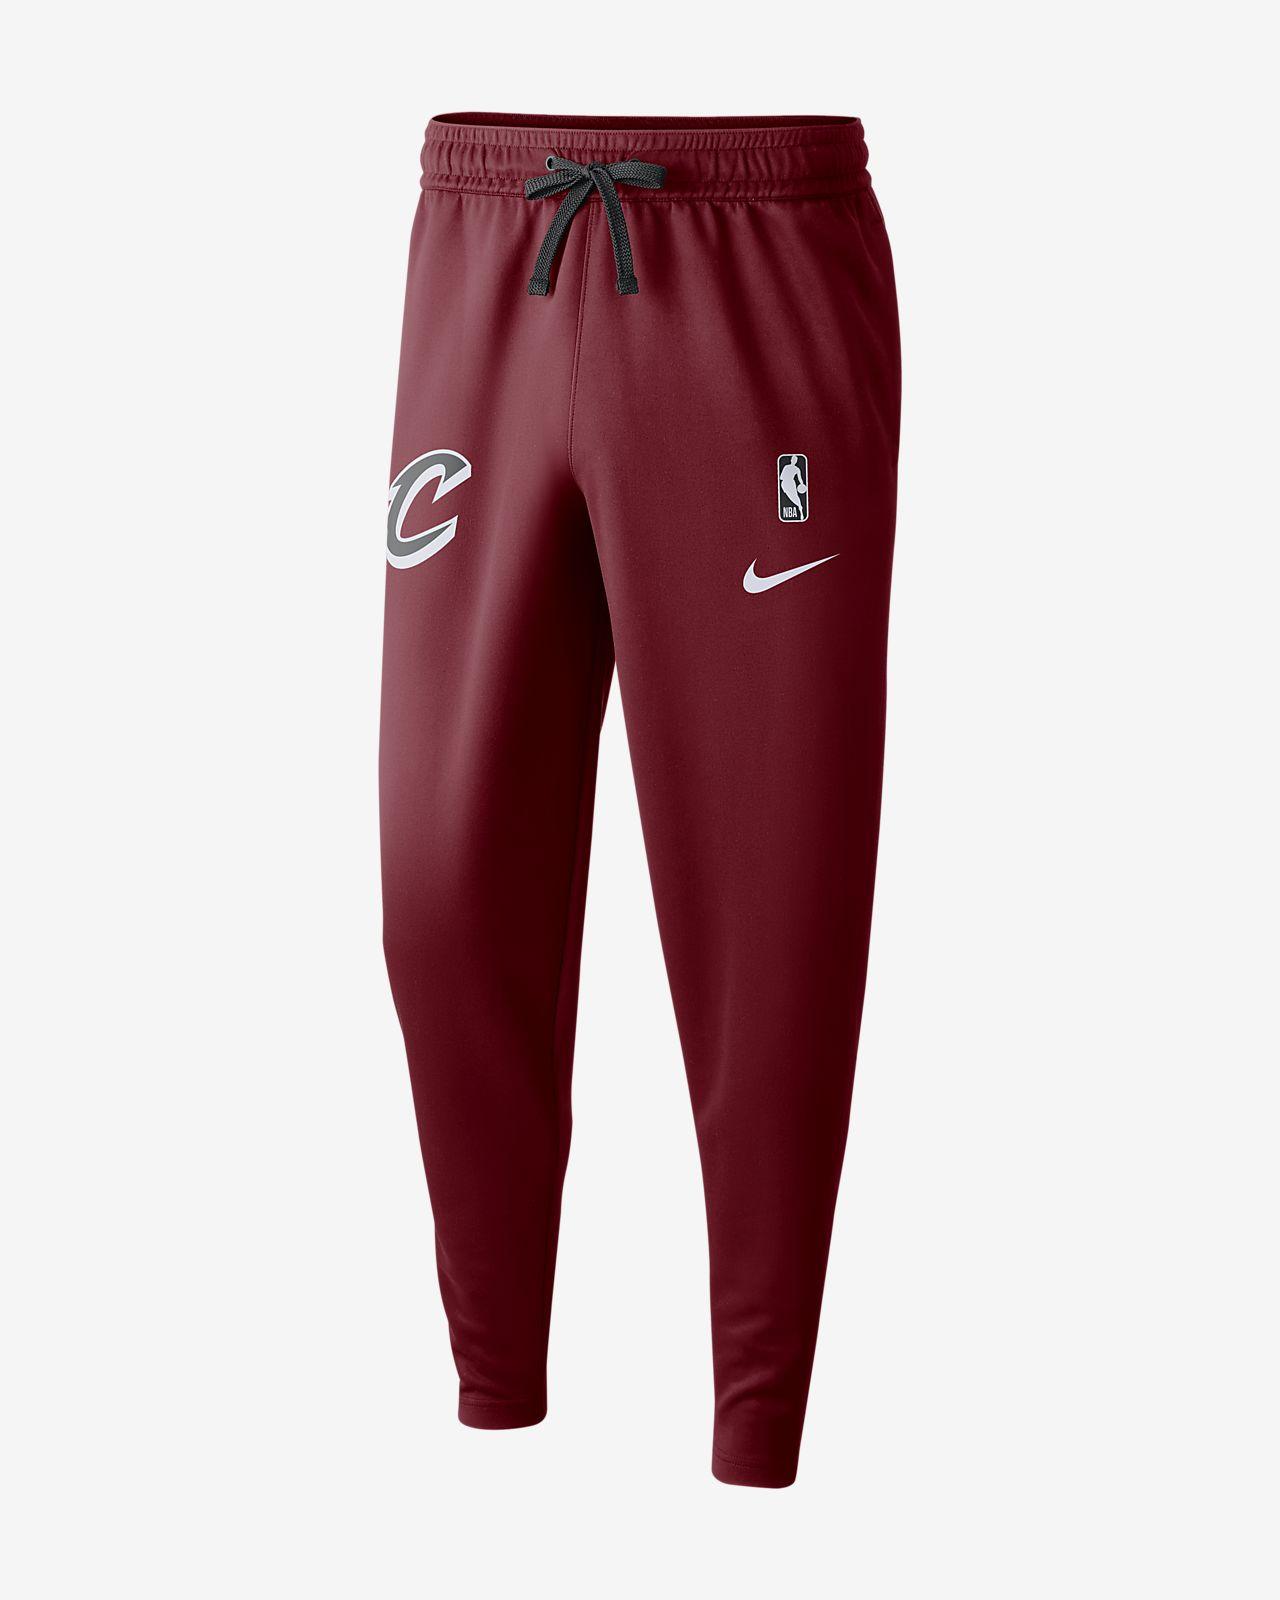 Cleveland Cavaliers Nike Spotlight NBA-s férfinadrág